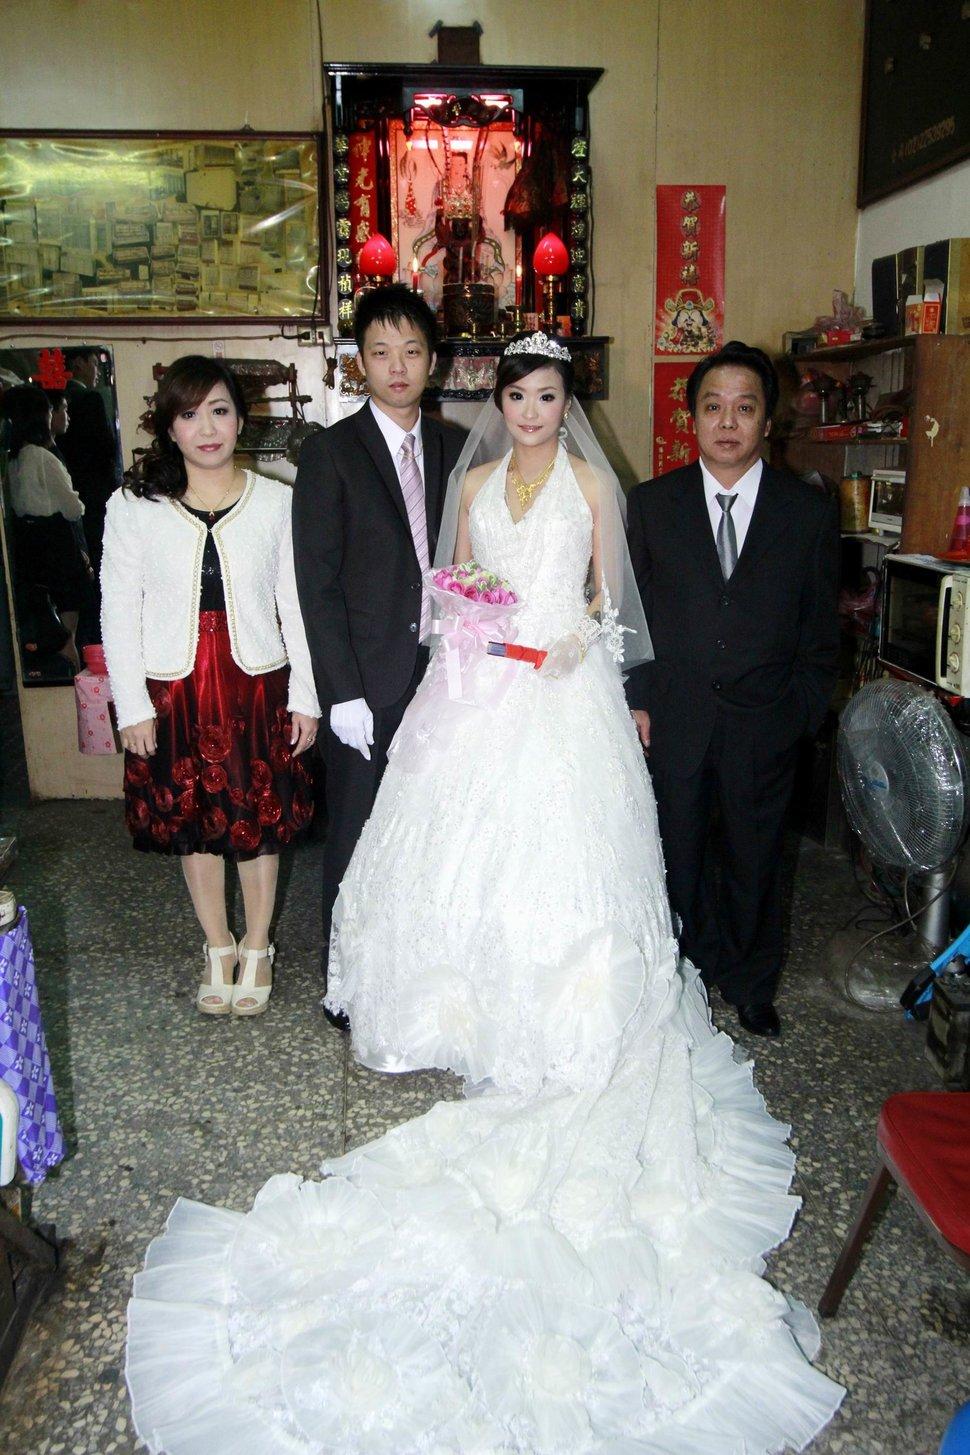 蜜月婚攝新莊美食喜相逢餐廳會館結婚迎娶儀式晚宴婚禮記錄動態微電影錄影專業錄影平面攝影婚攝婚禮主持人(編號:270477) - 蜜月拍照10800錄影12800攝影團隊 - 結婚吧